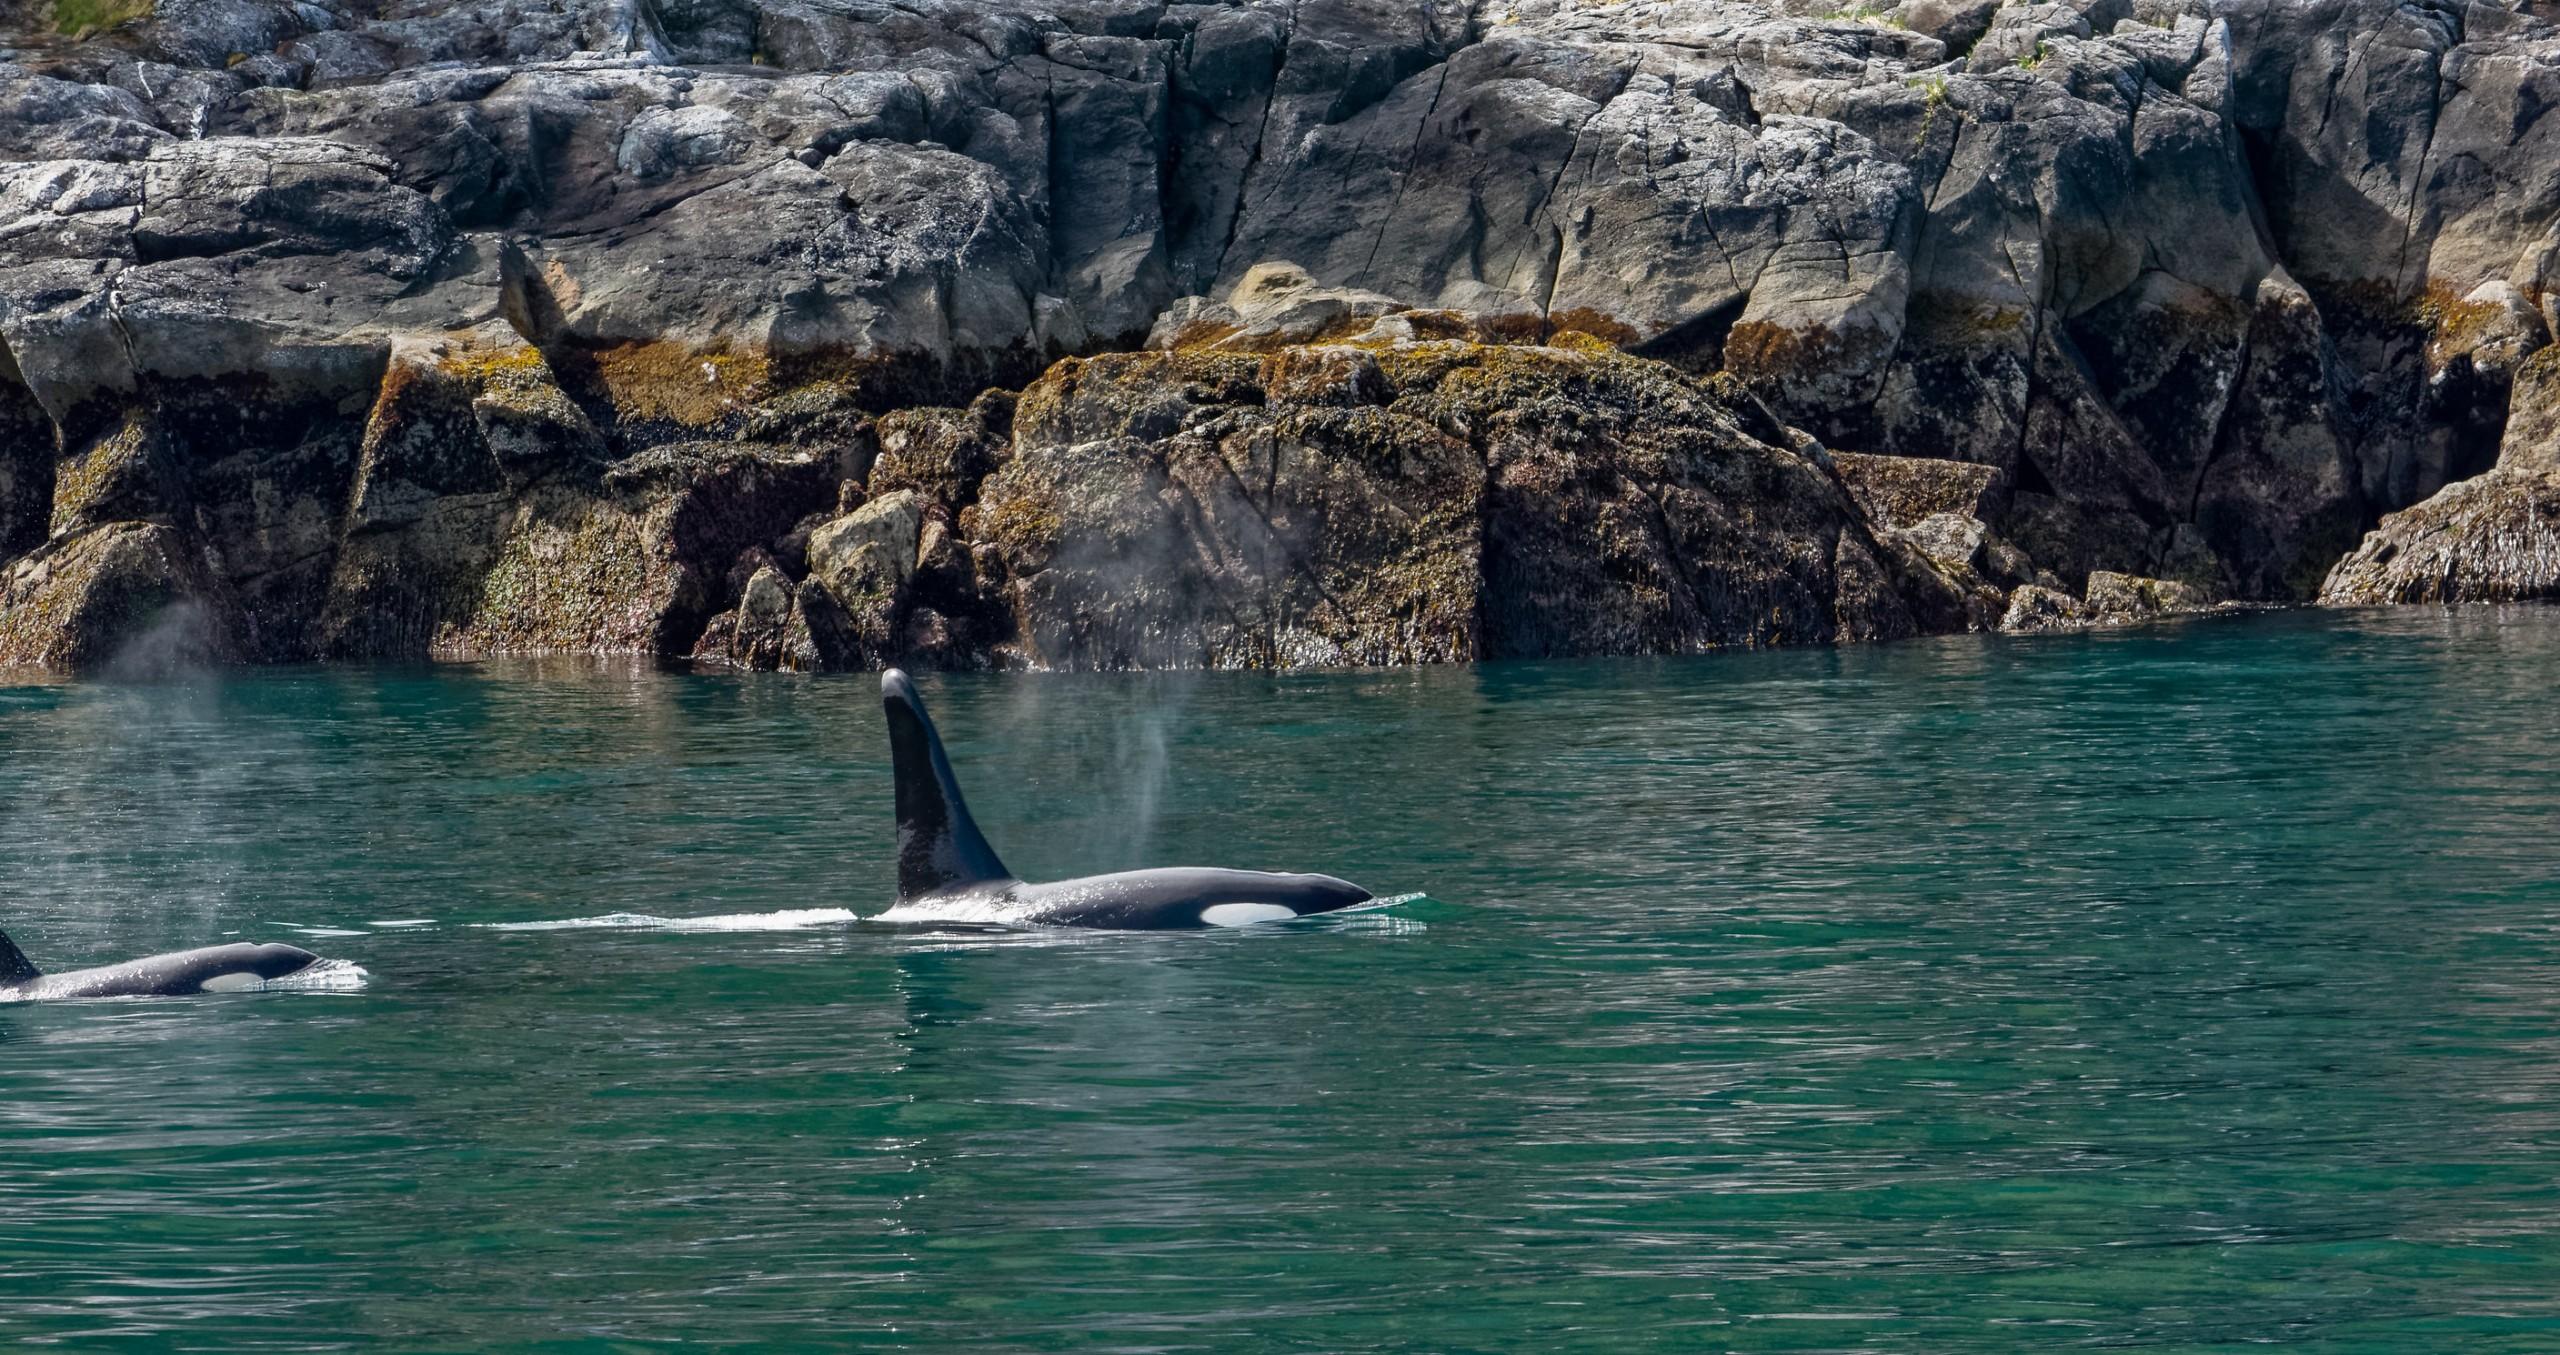 Orca Mom And Kid Along Rocky Coast